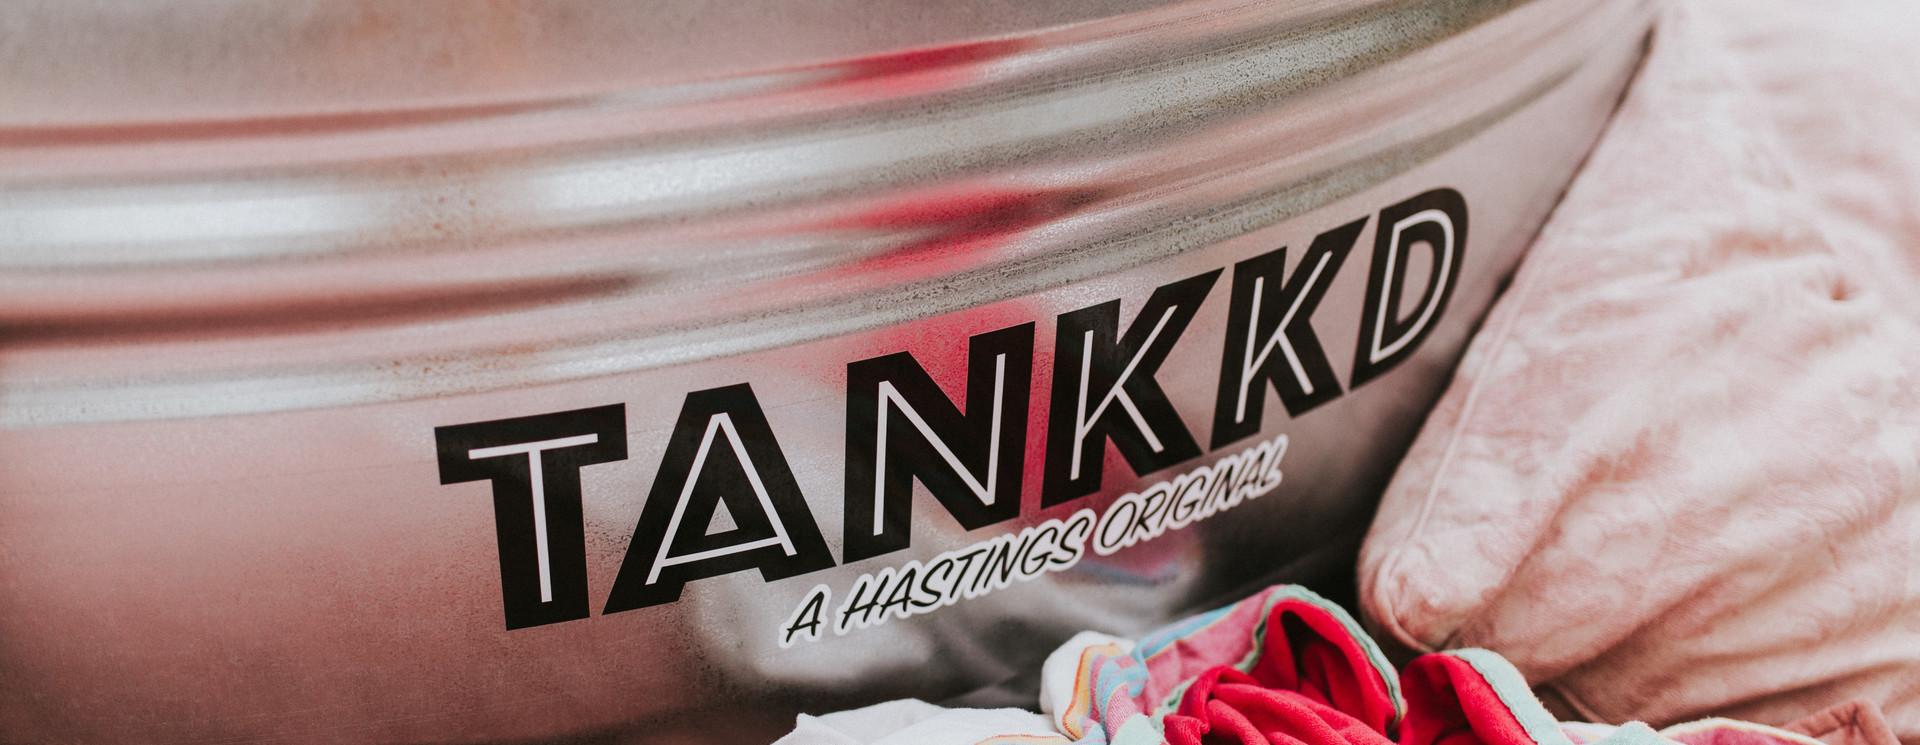 Ronds stock tanks Black label